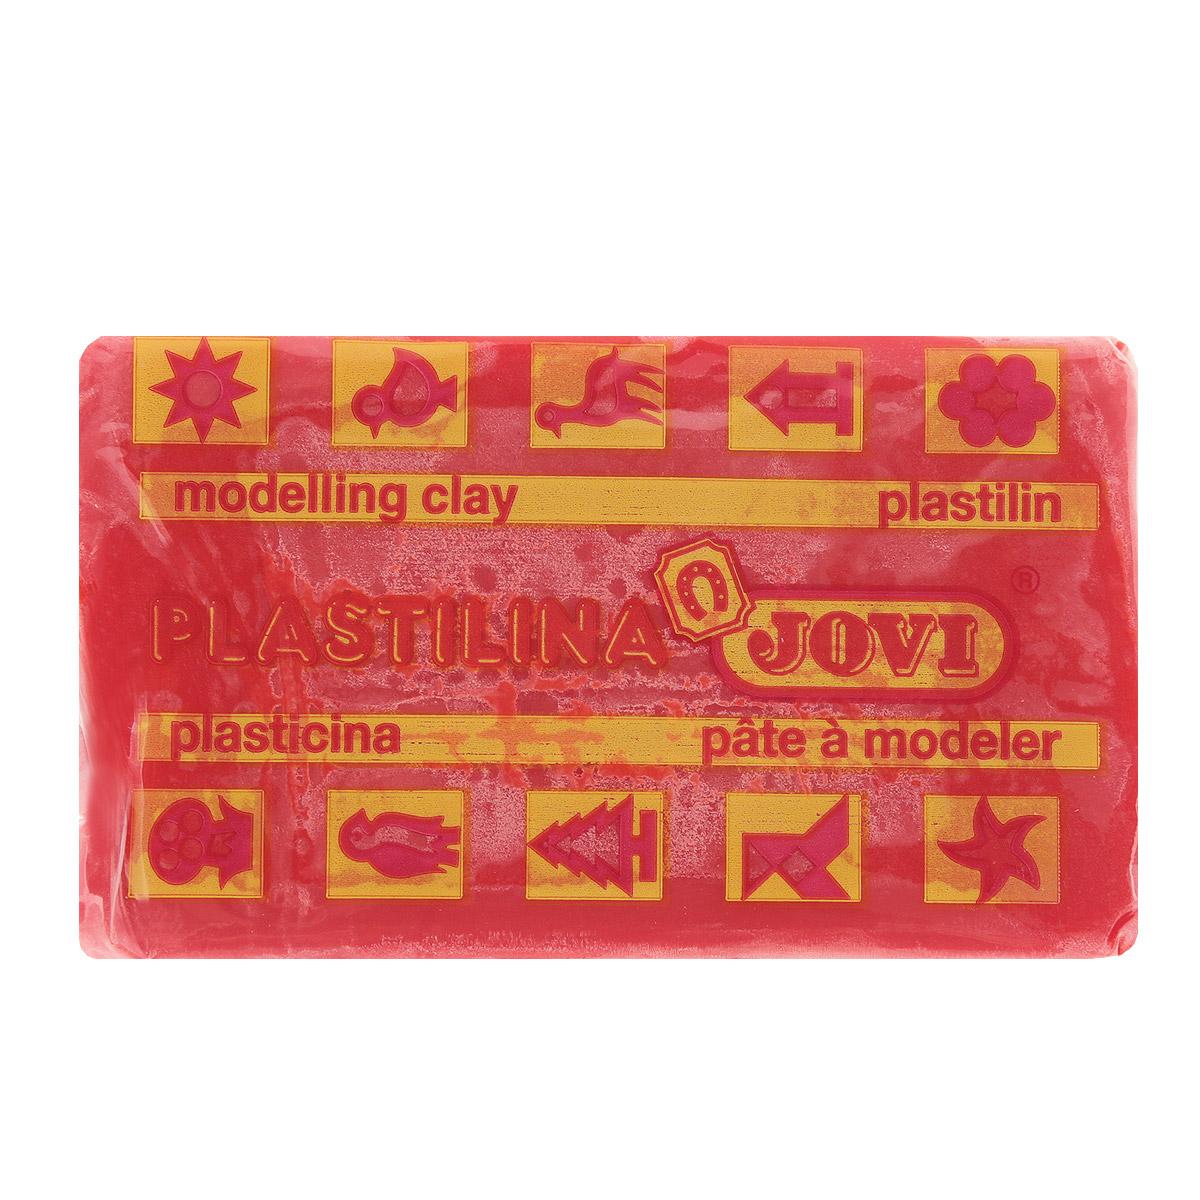 Jovi Пластилин, цвет: красный, 50 г всё для лепки jovi паста для моделирования отвердевающая 500 г